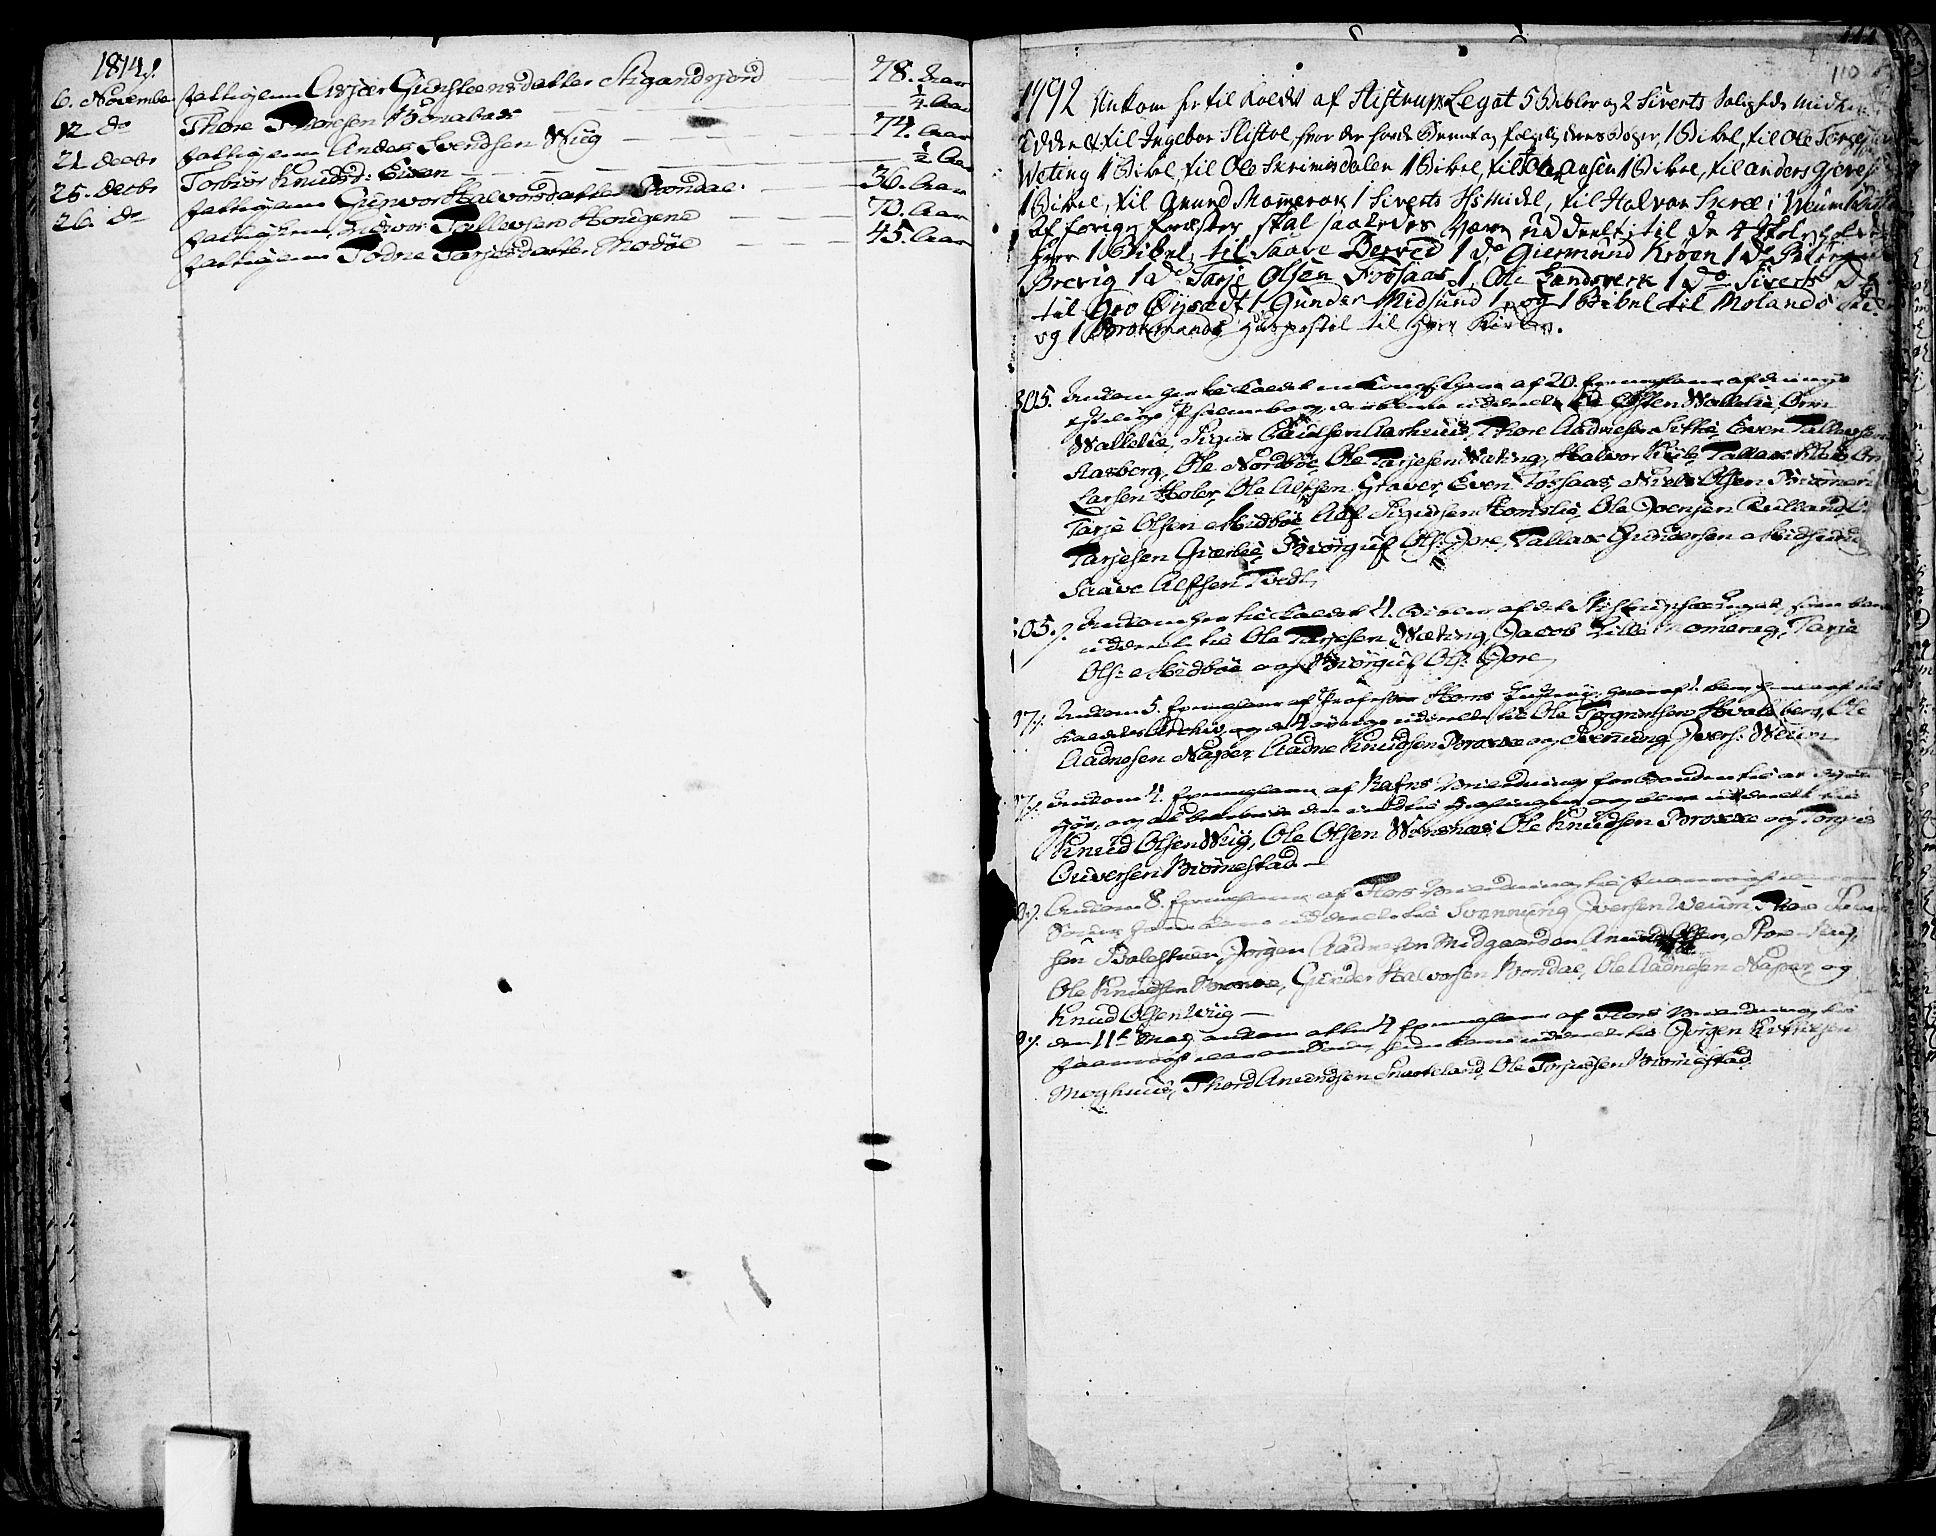 SAKO, Fyresdal kirkebøker, F/Fa/L0002: Ministerialbok nr. I 2, 1769-1814, s. 110